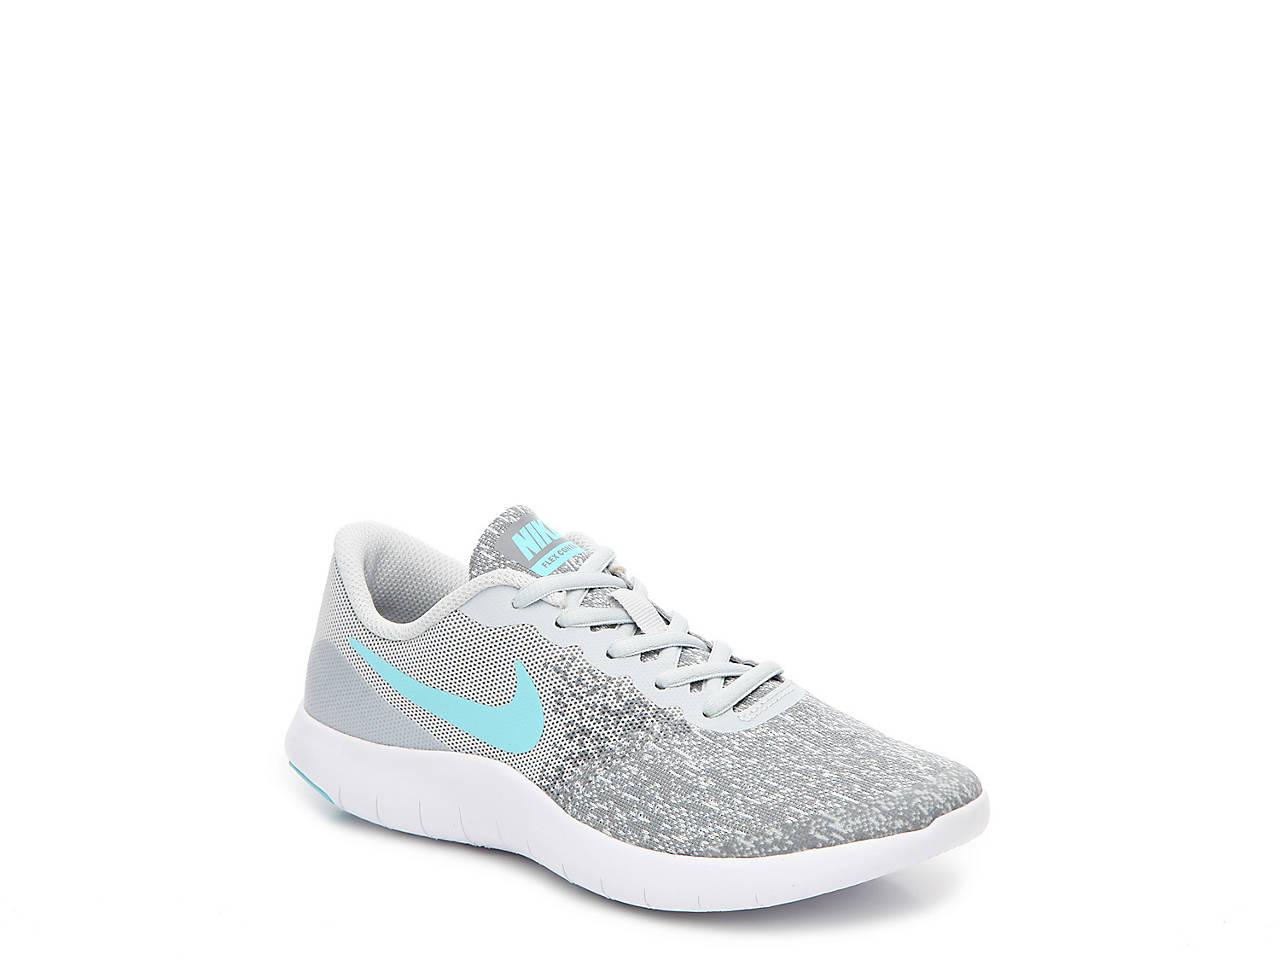 cd3c93d9f7c8 Nike Flex Contact Youth Running Shoe Kids Shoes